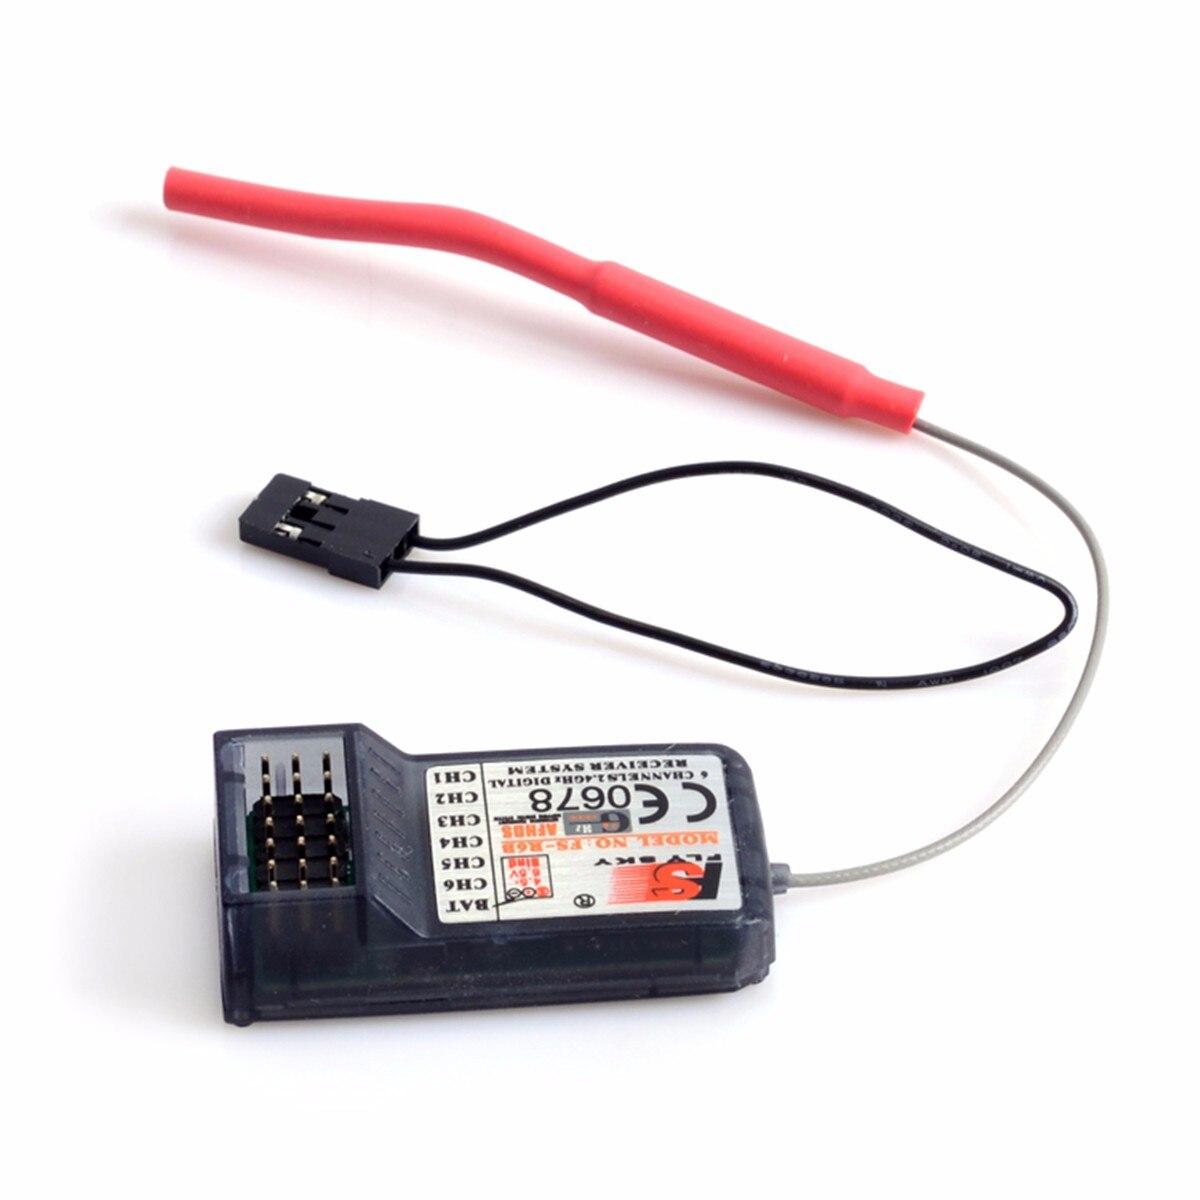 FlySky FS-R6B 2,4 Ghz 6CH RC AFHDS FS R6B Empfänger für i6 i10 T6 CT6B TH9x Transmitter Fernbedienung Teile